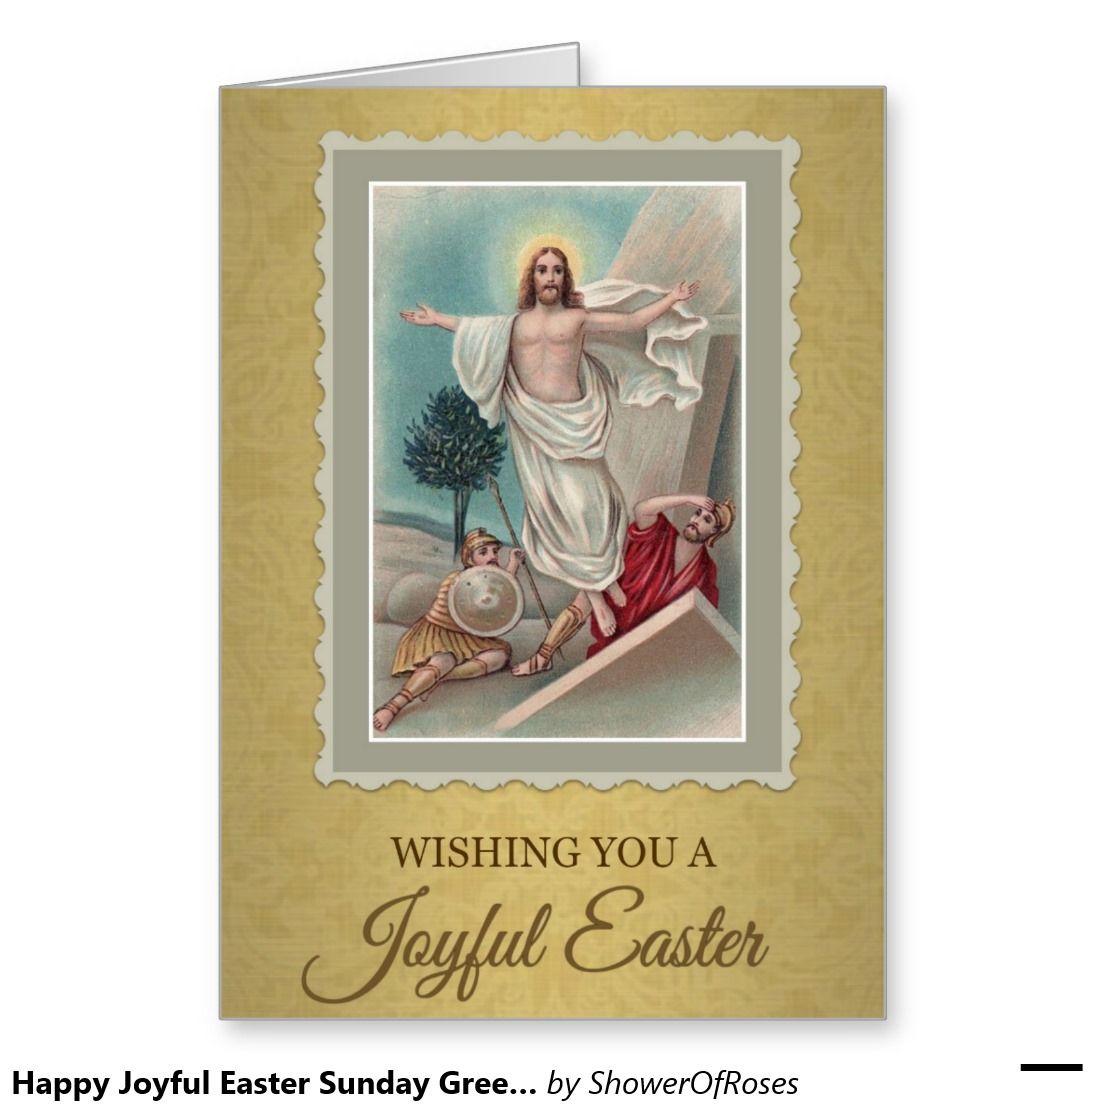 208 Happy Joyful Easter Sunday Greeting Card Sunday Greetings